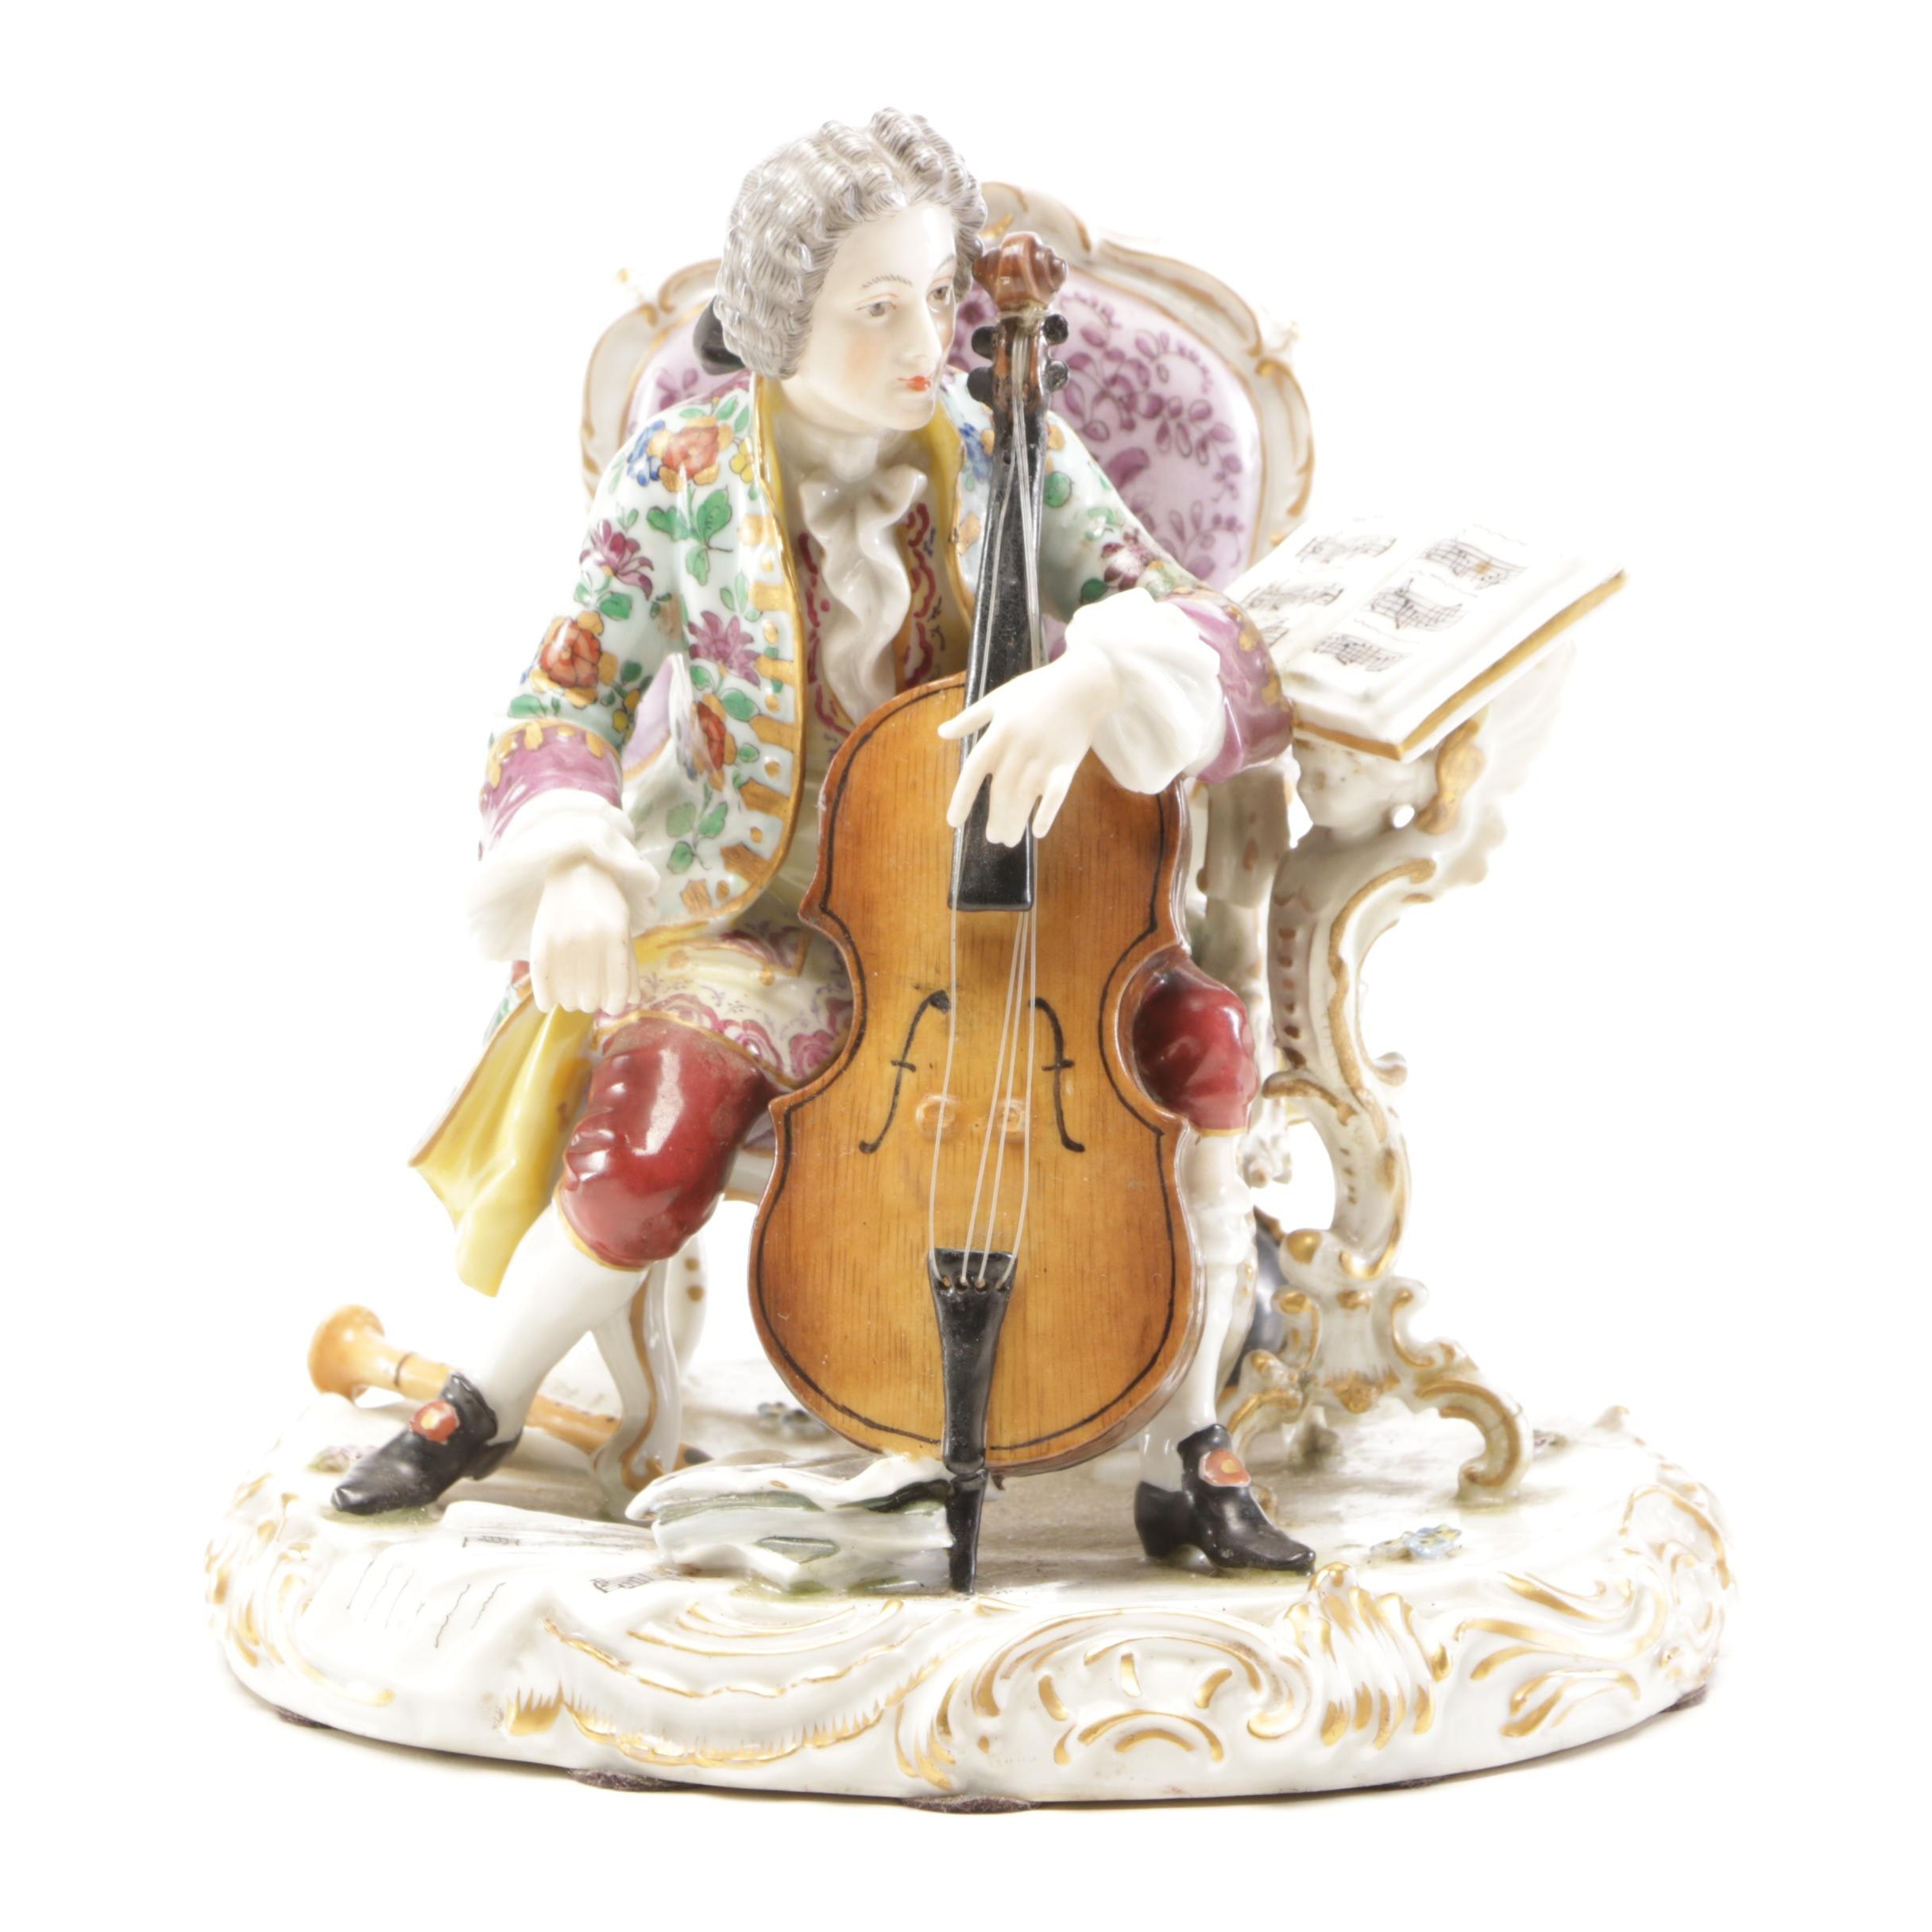 Reproduction Samson of Paris Sèvres Style Porcelain Figurine, 20th Century